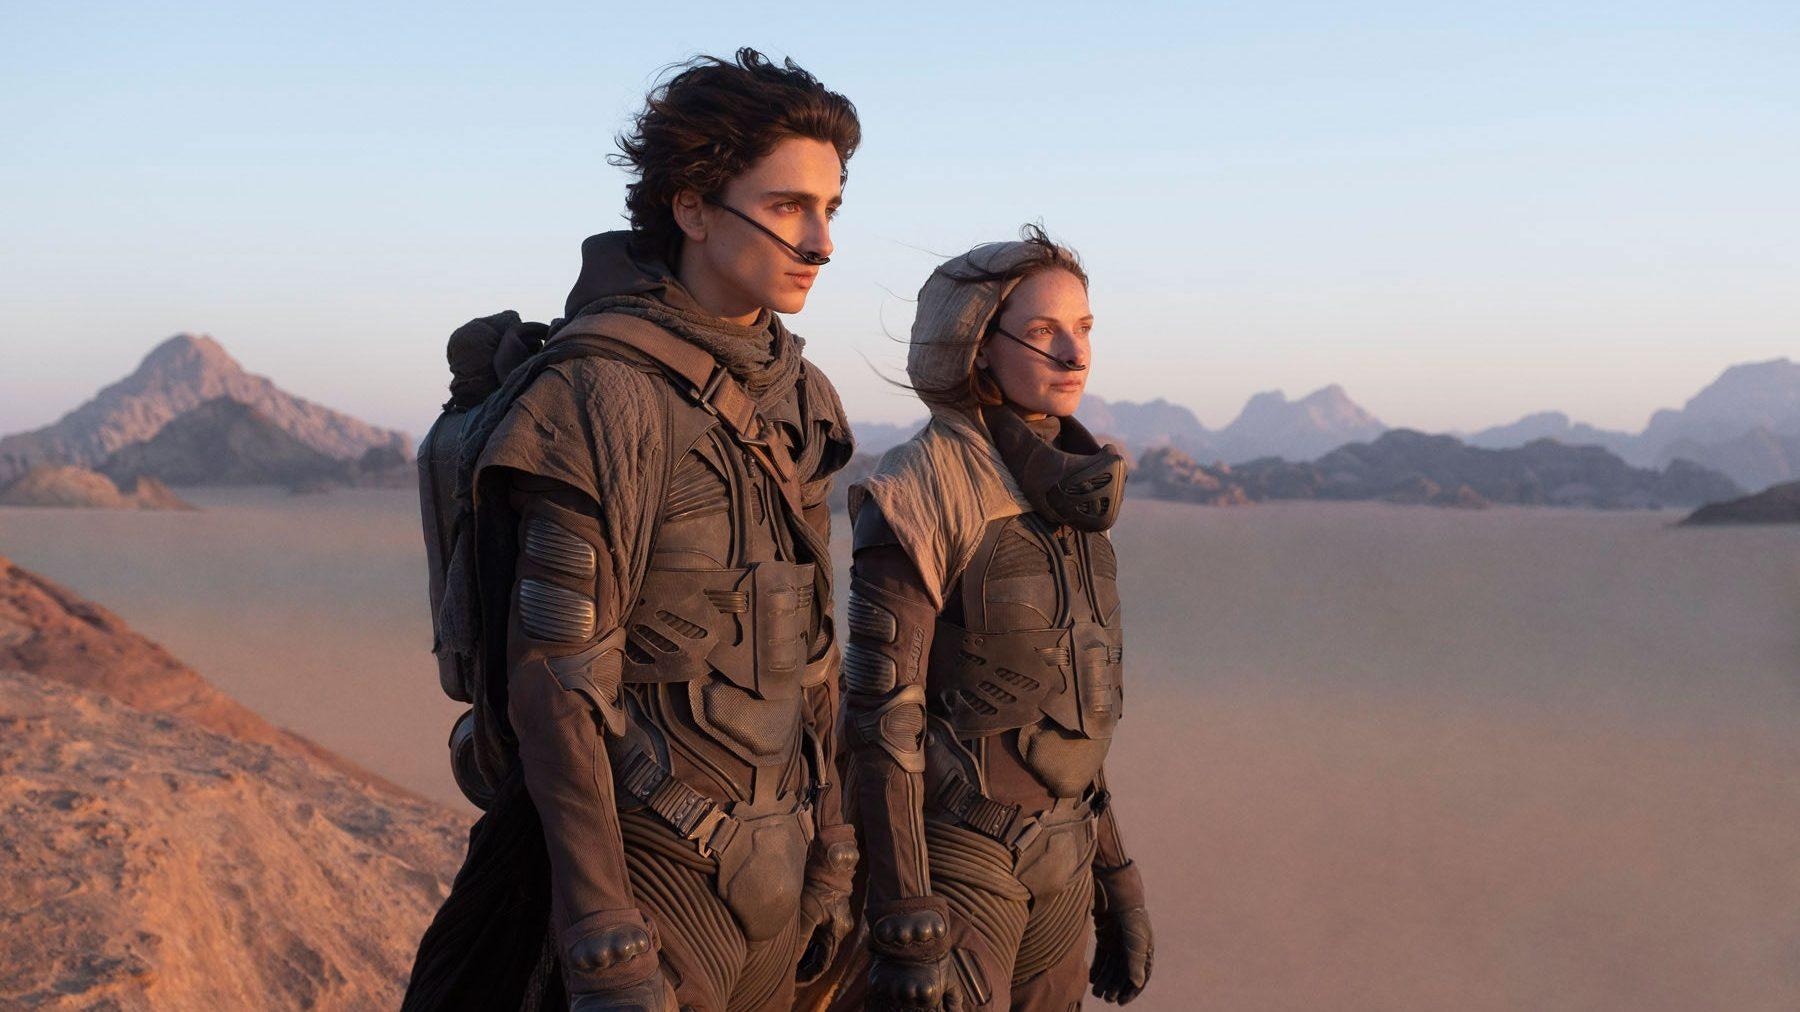 L'autore di Dune sarebbe fiero del film in arrivo, secondo il figlio thumbnail